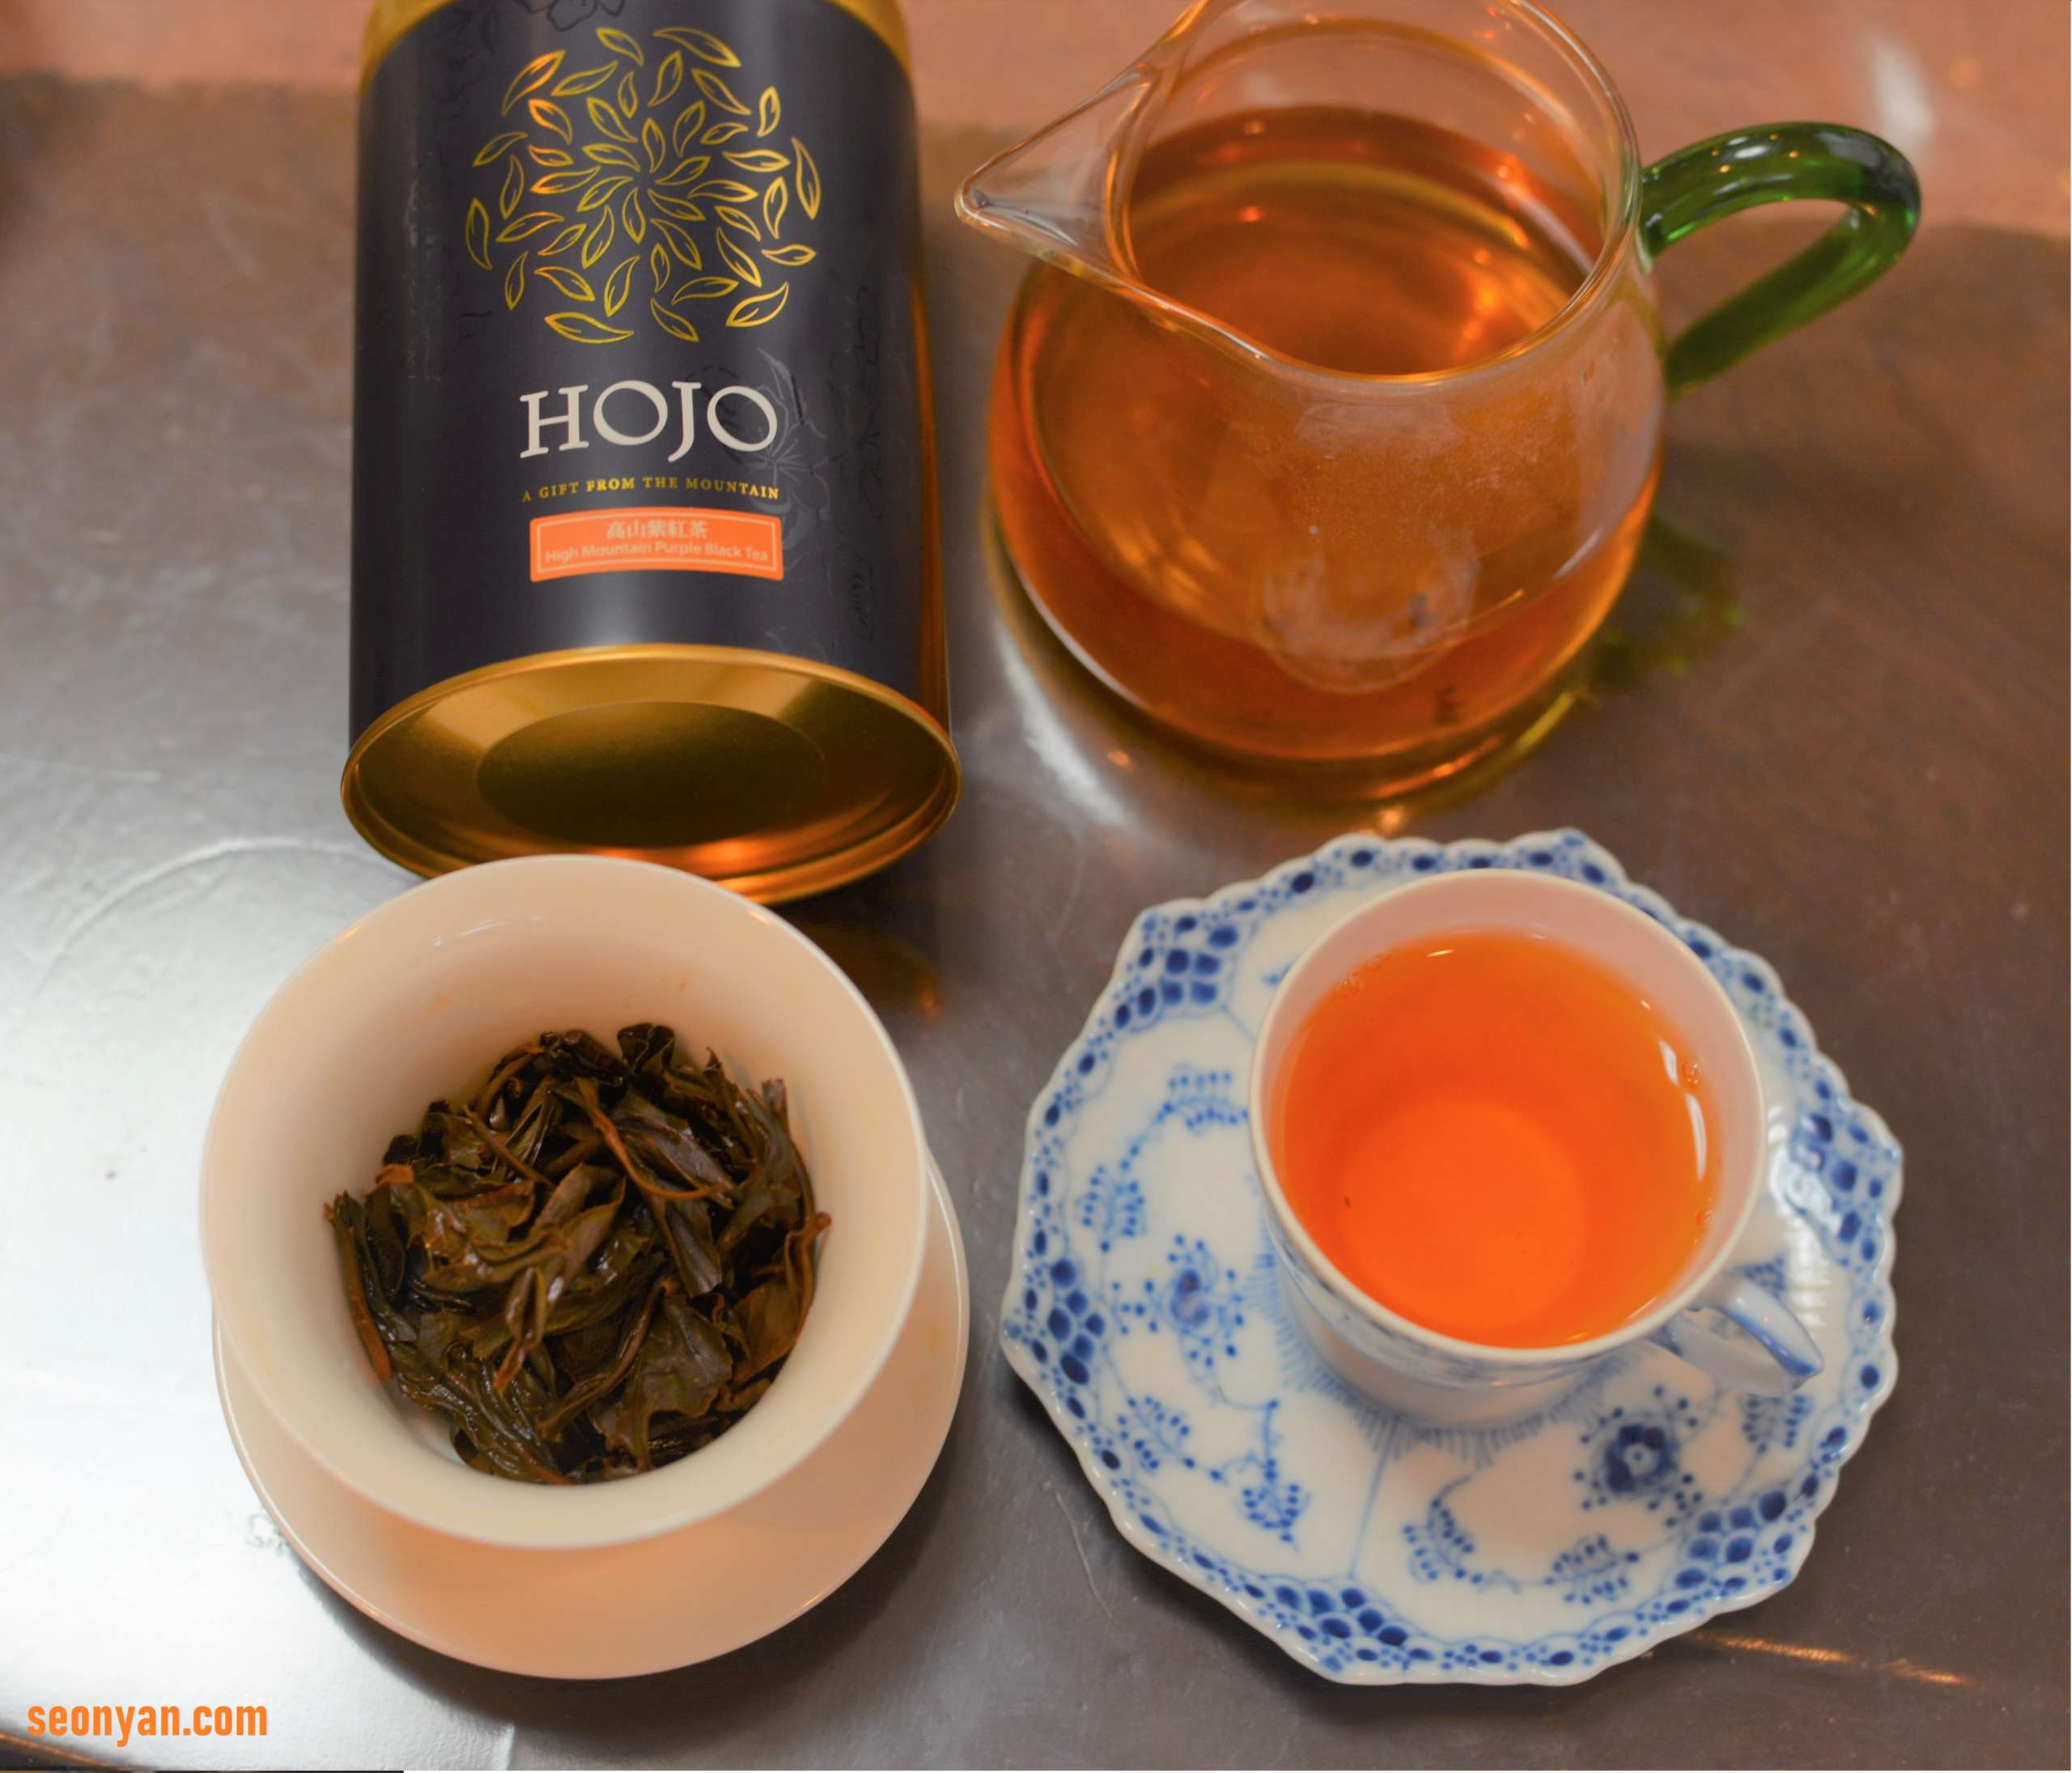 高山紫紅茶